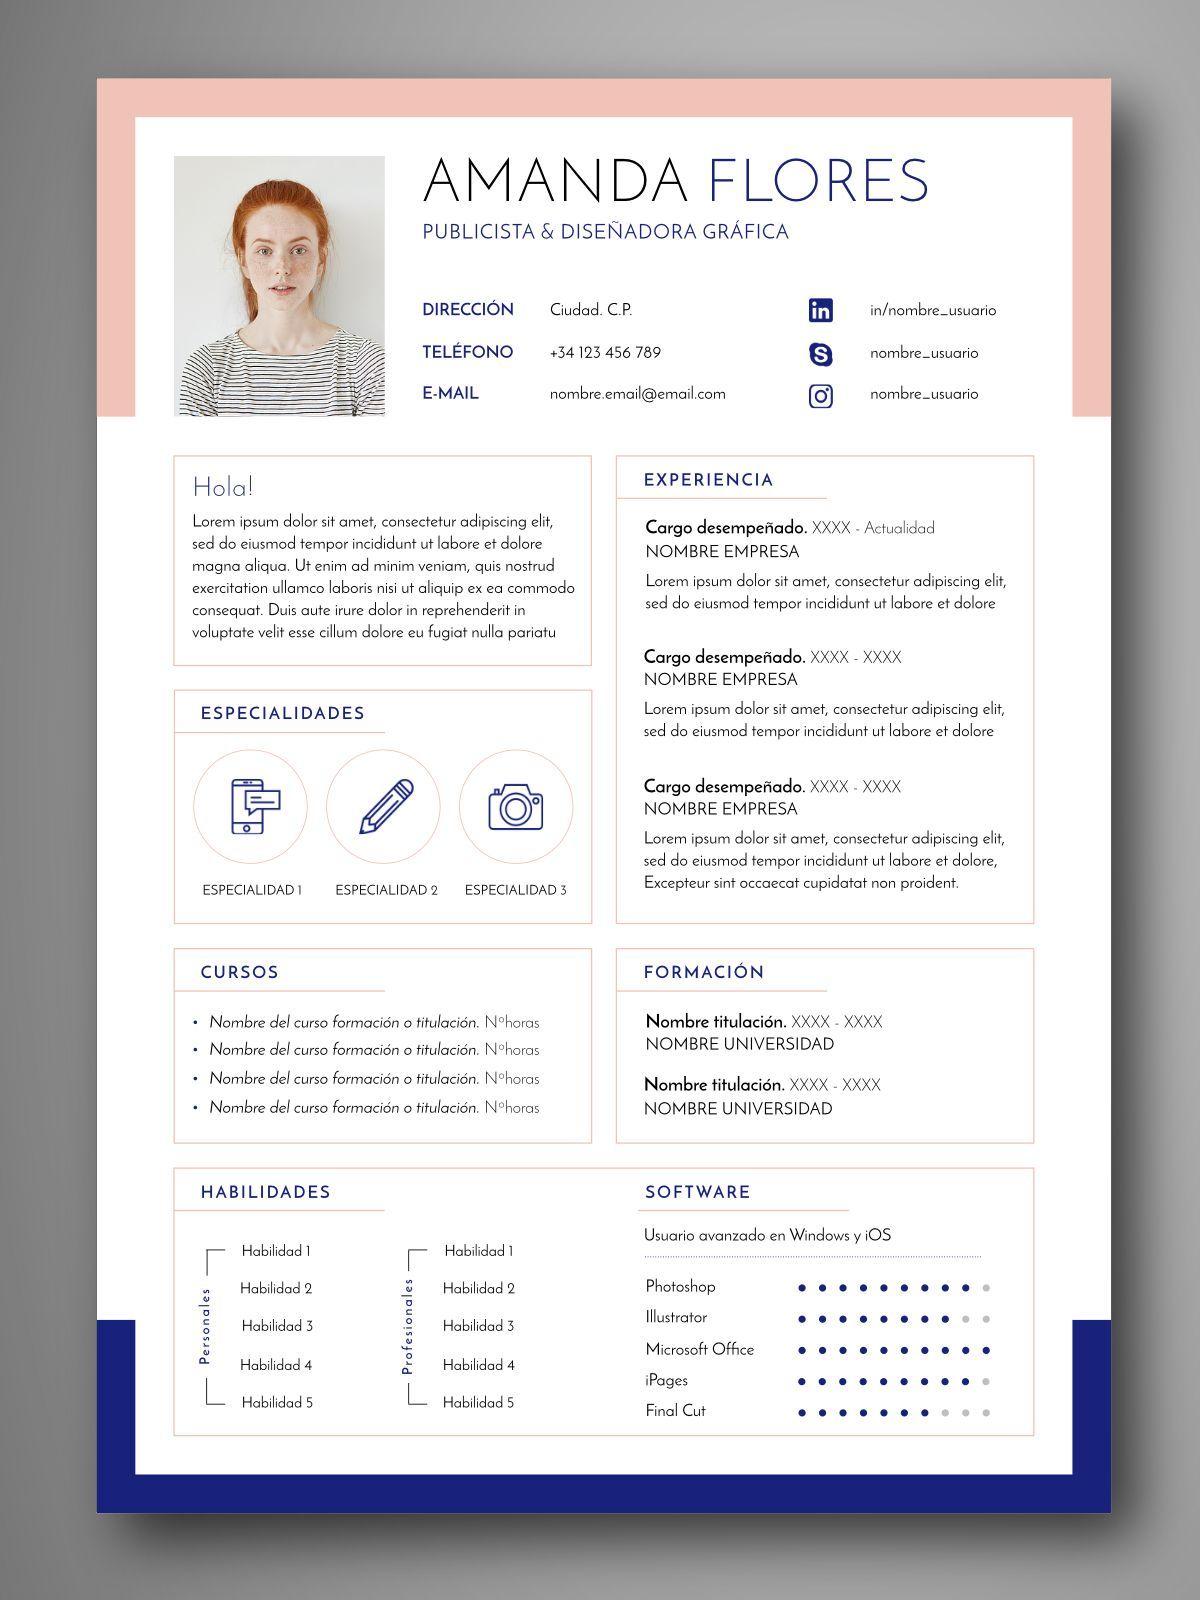 Descarga Plantillas Editables De Curriculum Vitae Cv Visuales Y